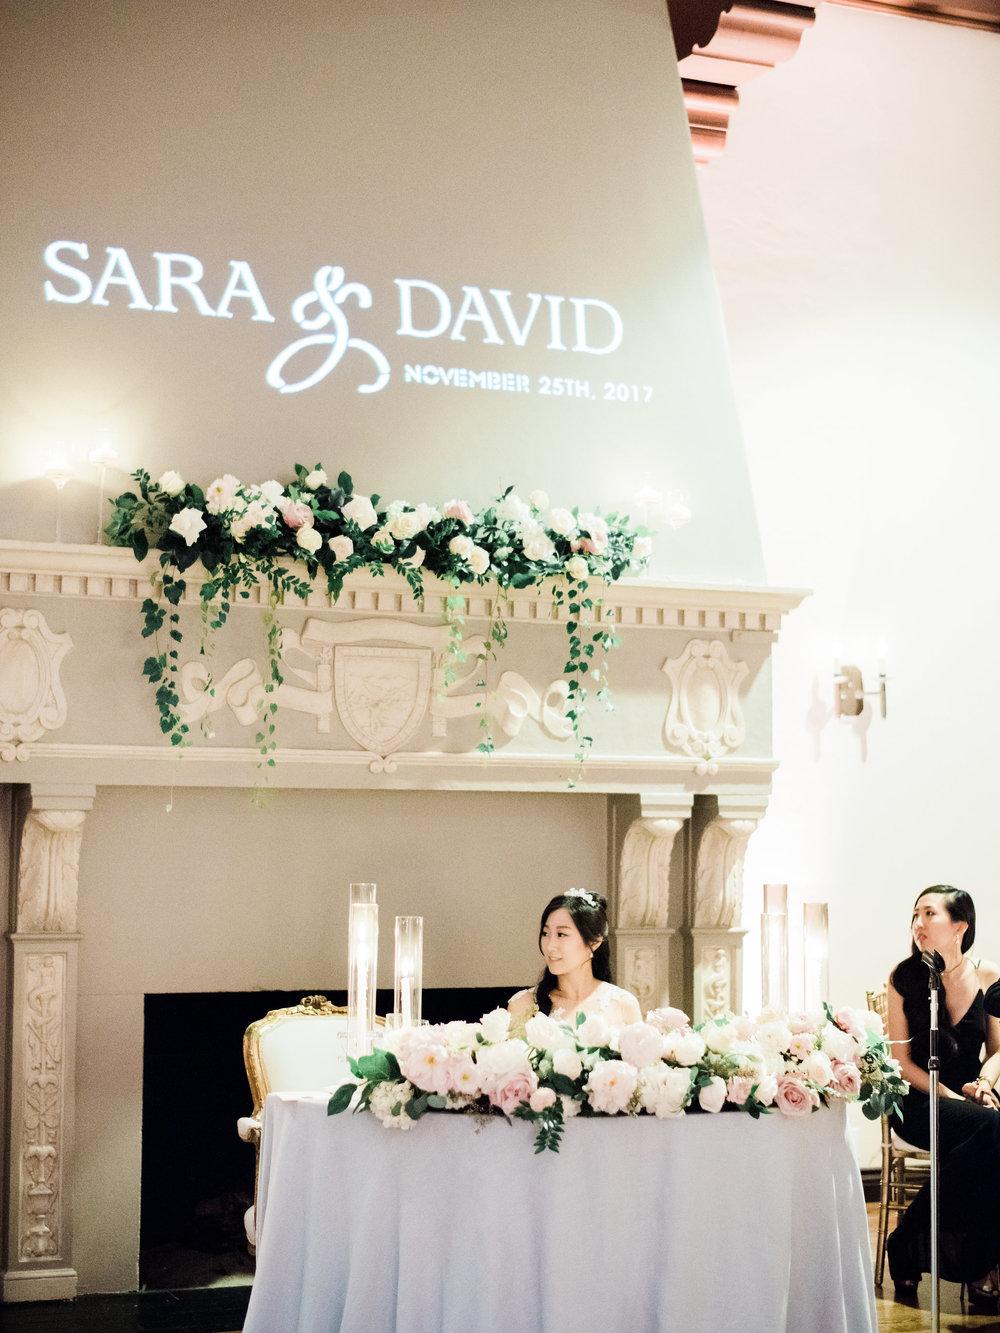 saraanddavid-wedding-1302.jpg